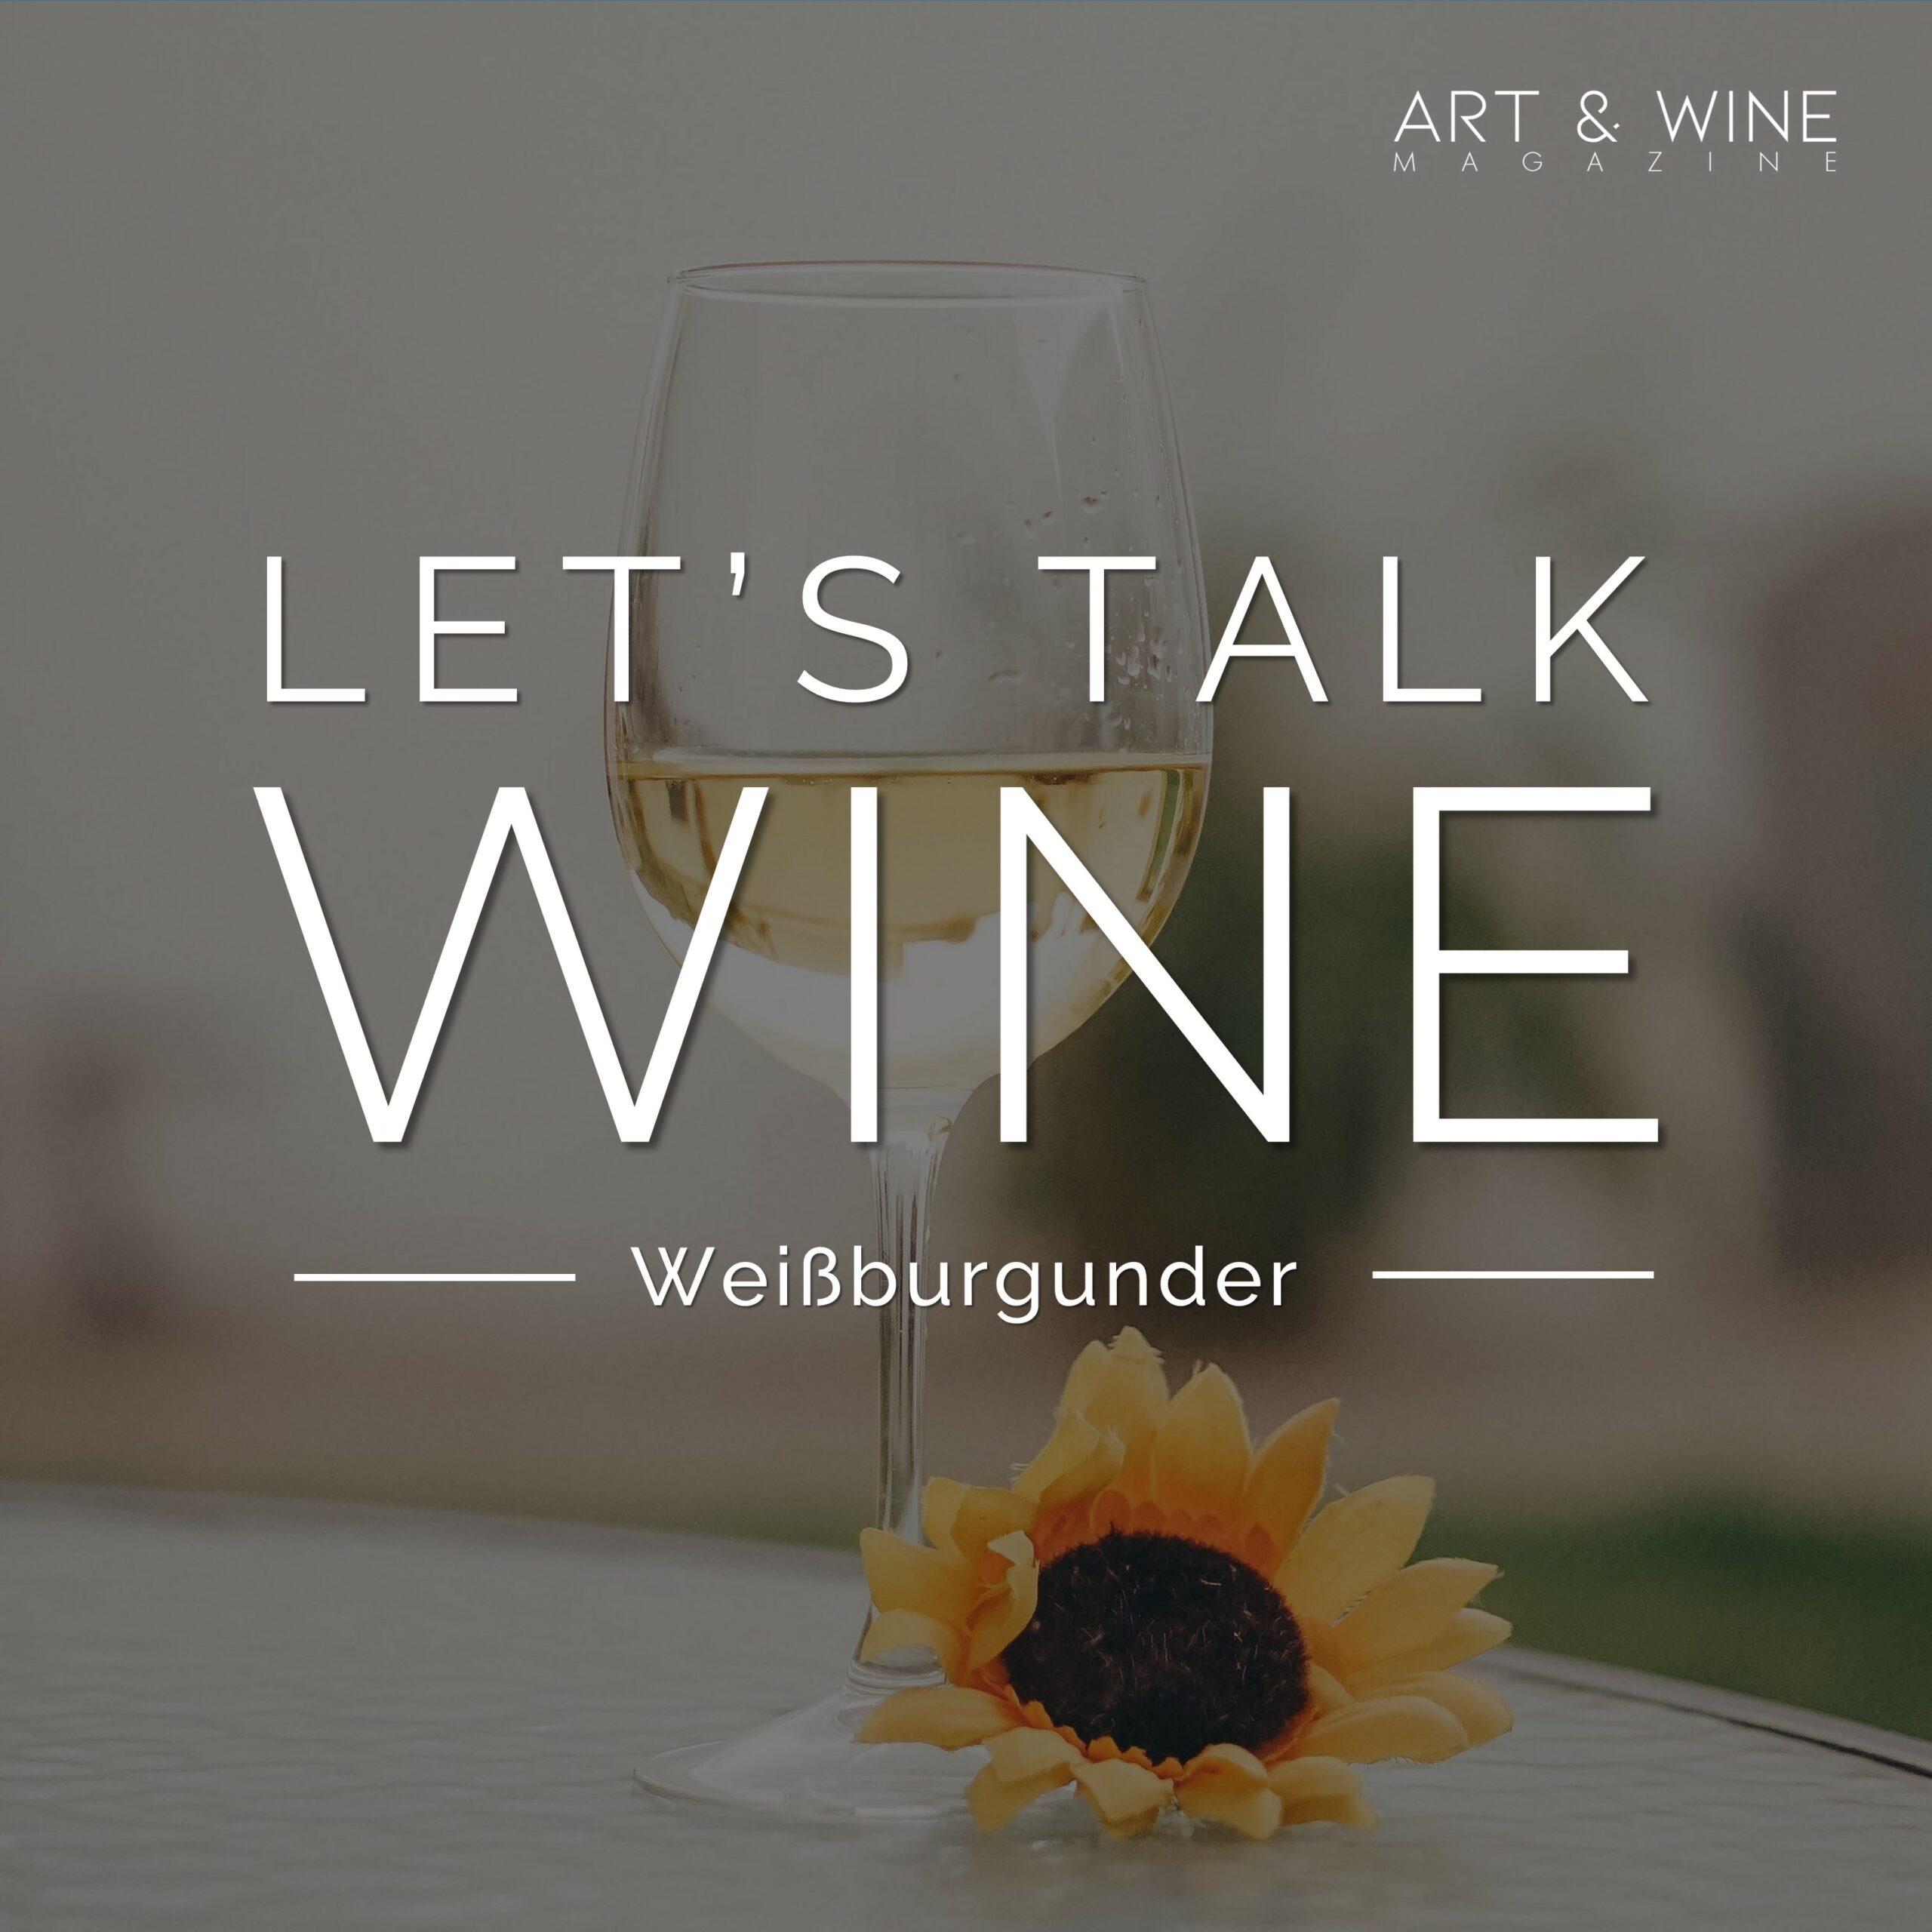 Let's talk wine weißburgunder Felix Waldkirch Podcast